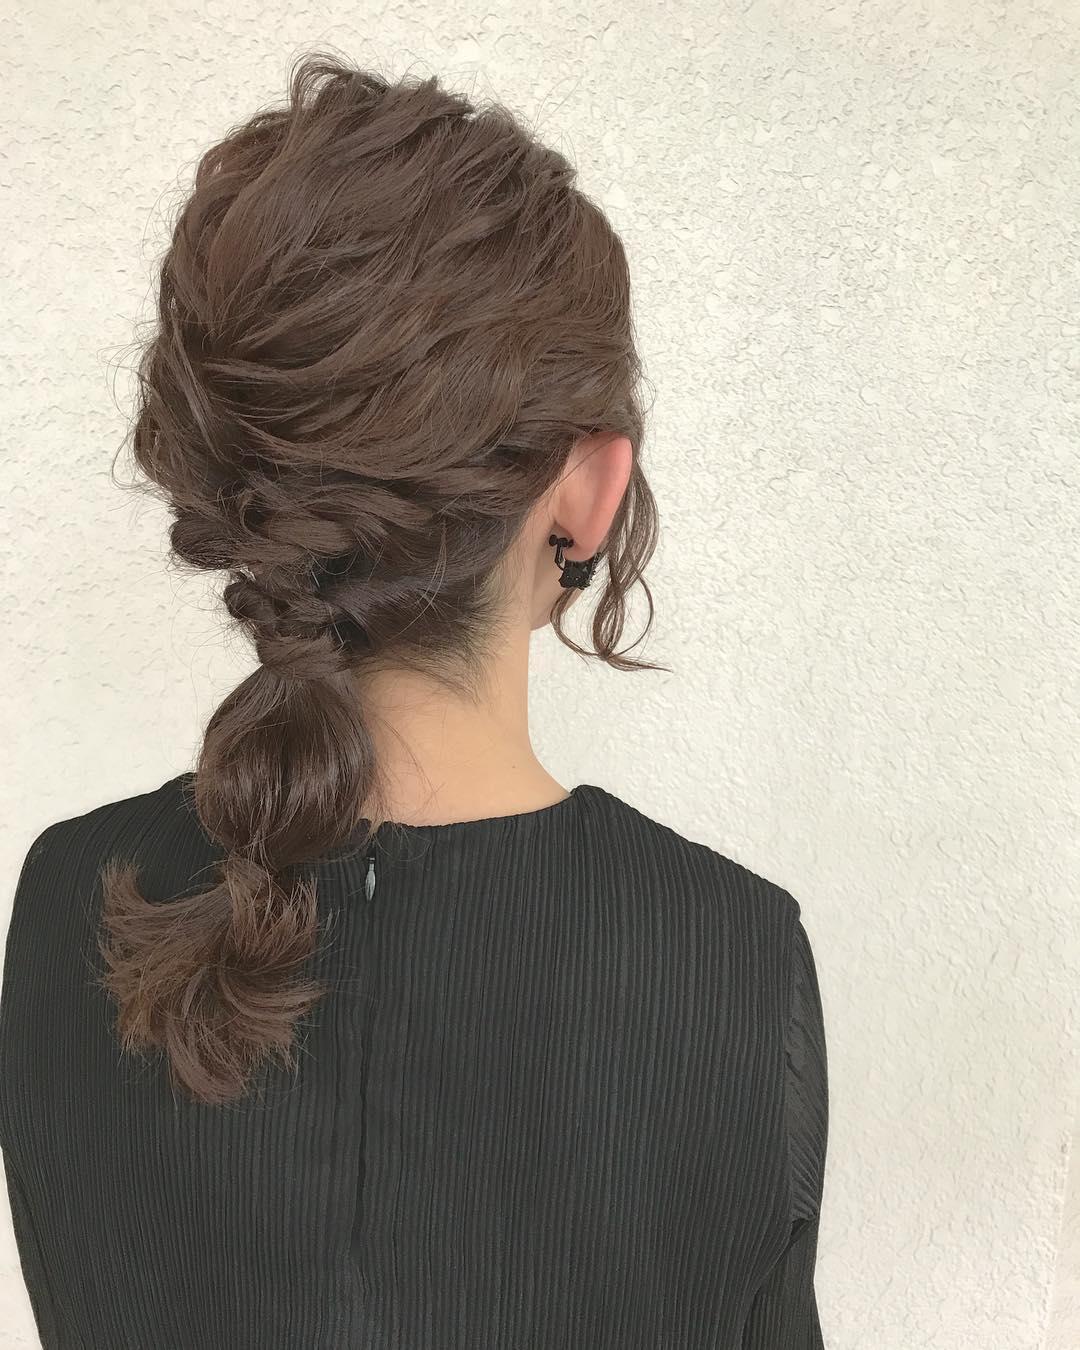 【保存版】トレンドの可愛いヘアスタイル・髪型40選大発表!3